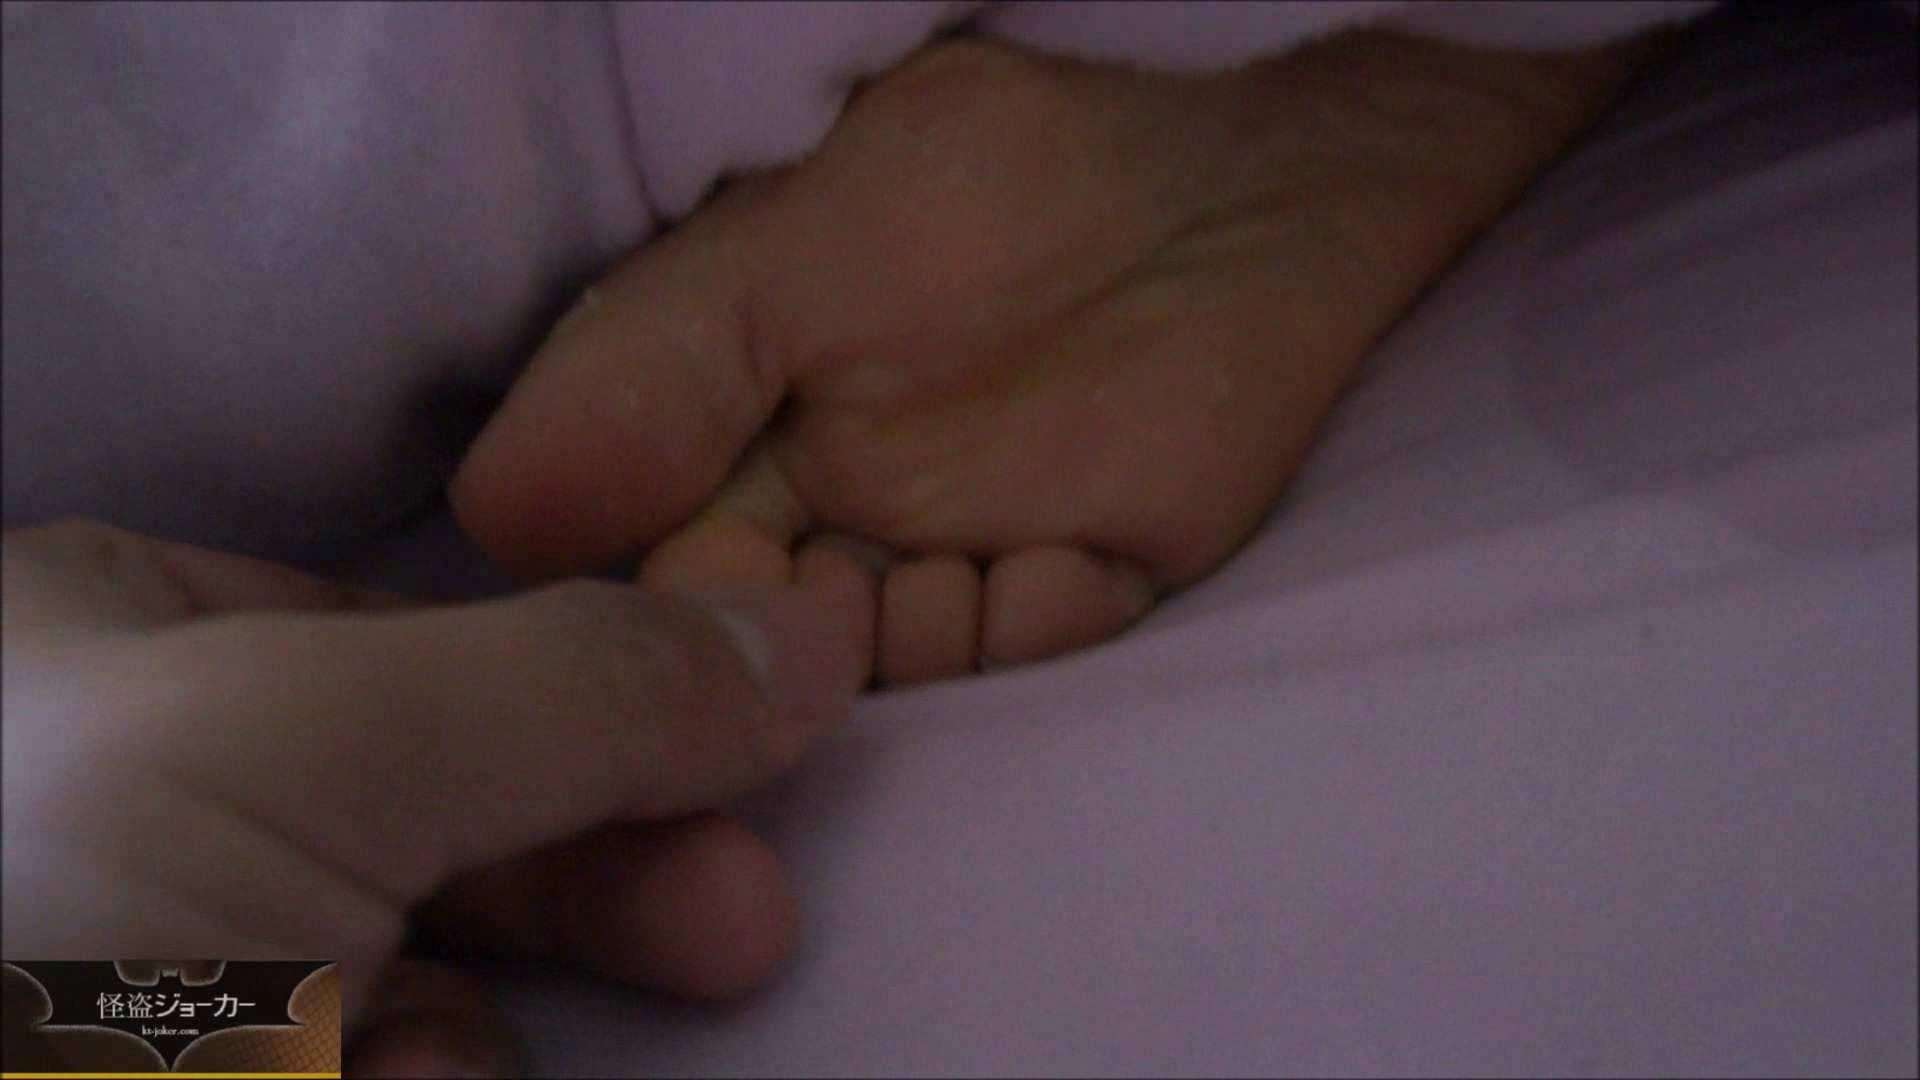 【未公開】vol.1 【ユリナの実女市・ヒトミ】若ママを目民らせて・・・ お姉さん  84PIX 2